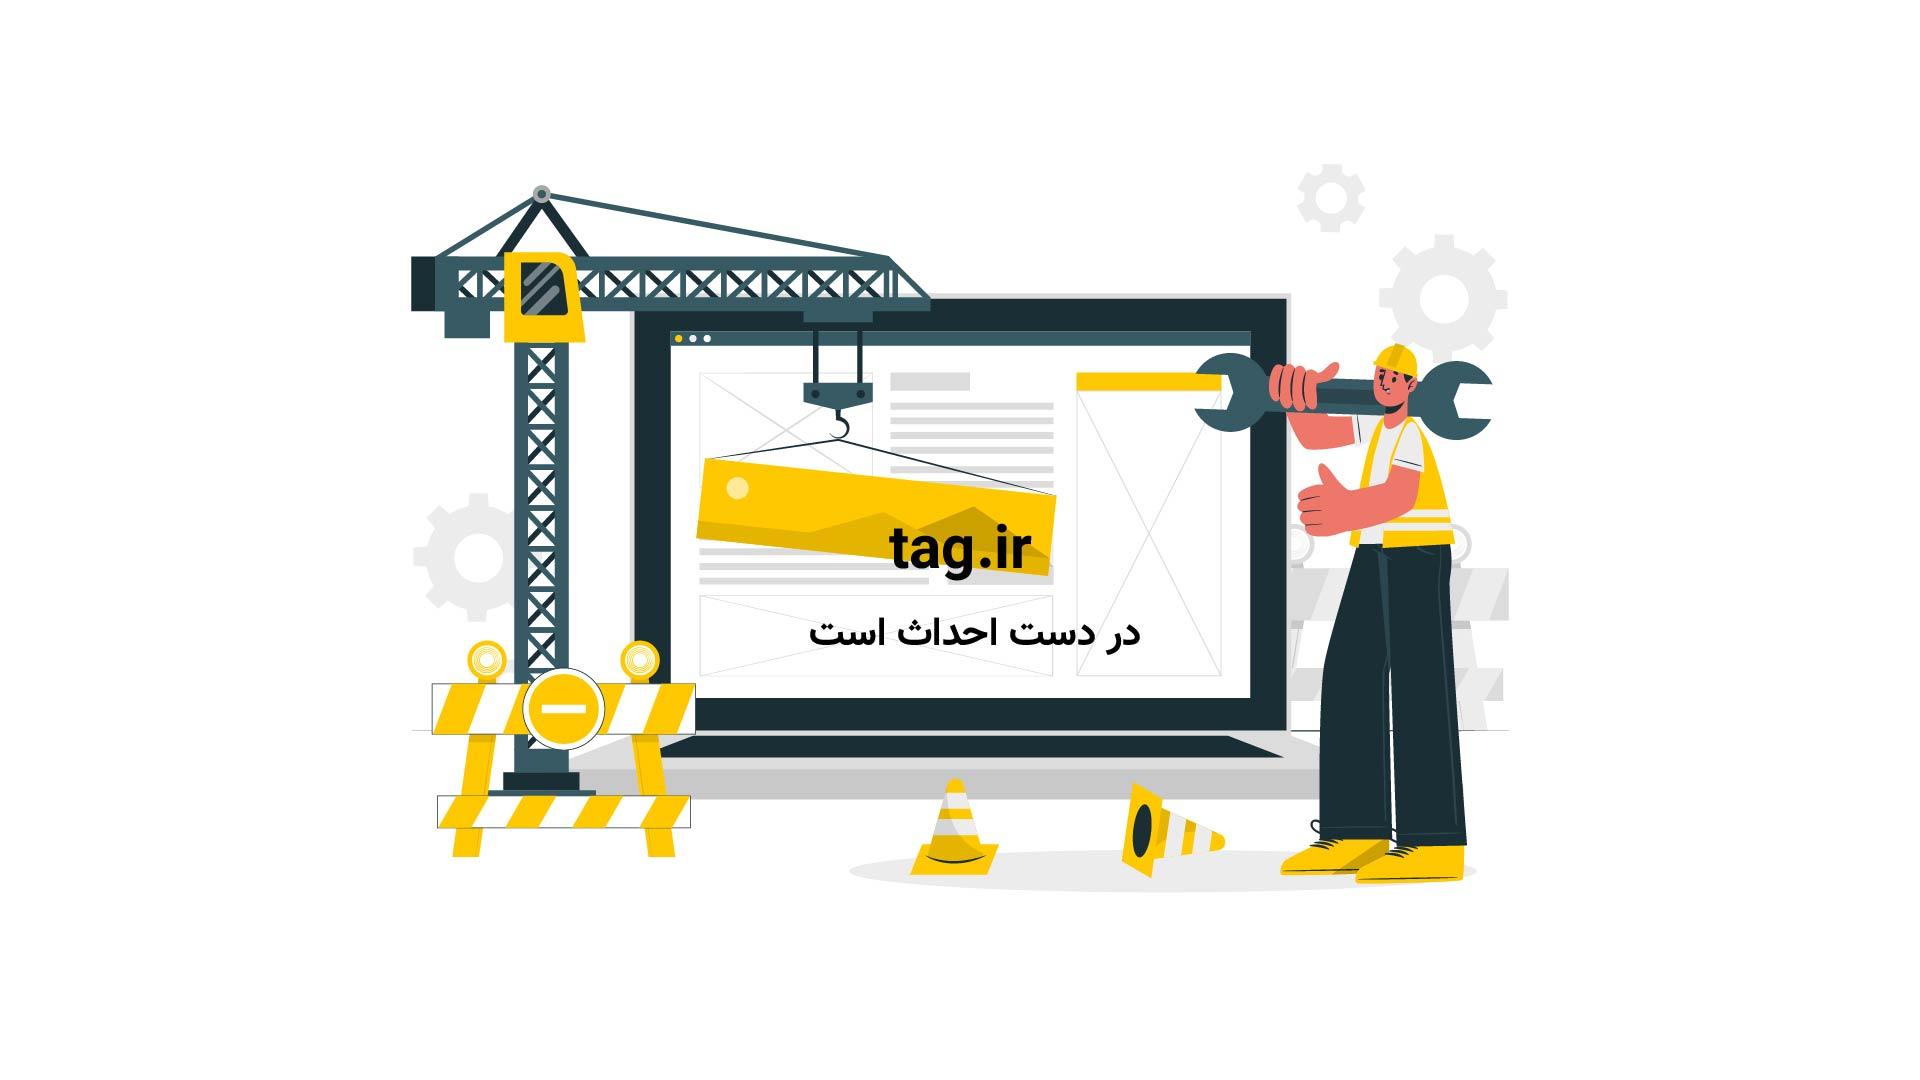 حادثه ناگوار در یکی از شهربازیهای چین   فیلم